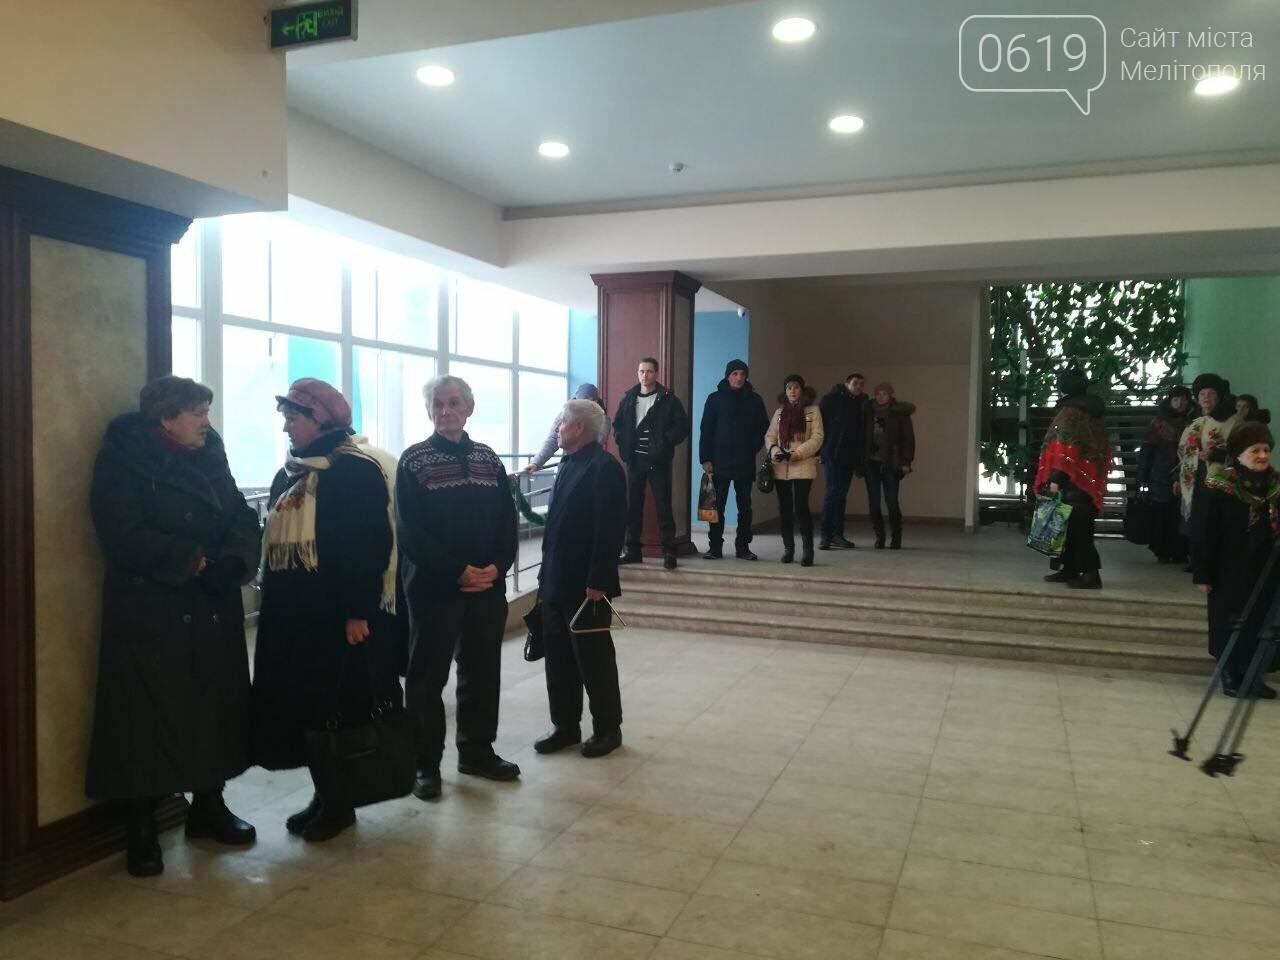 В Мелитополе началось празднование Рождества , фото-4